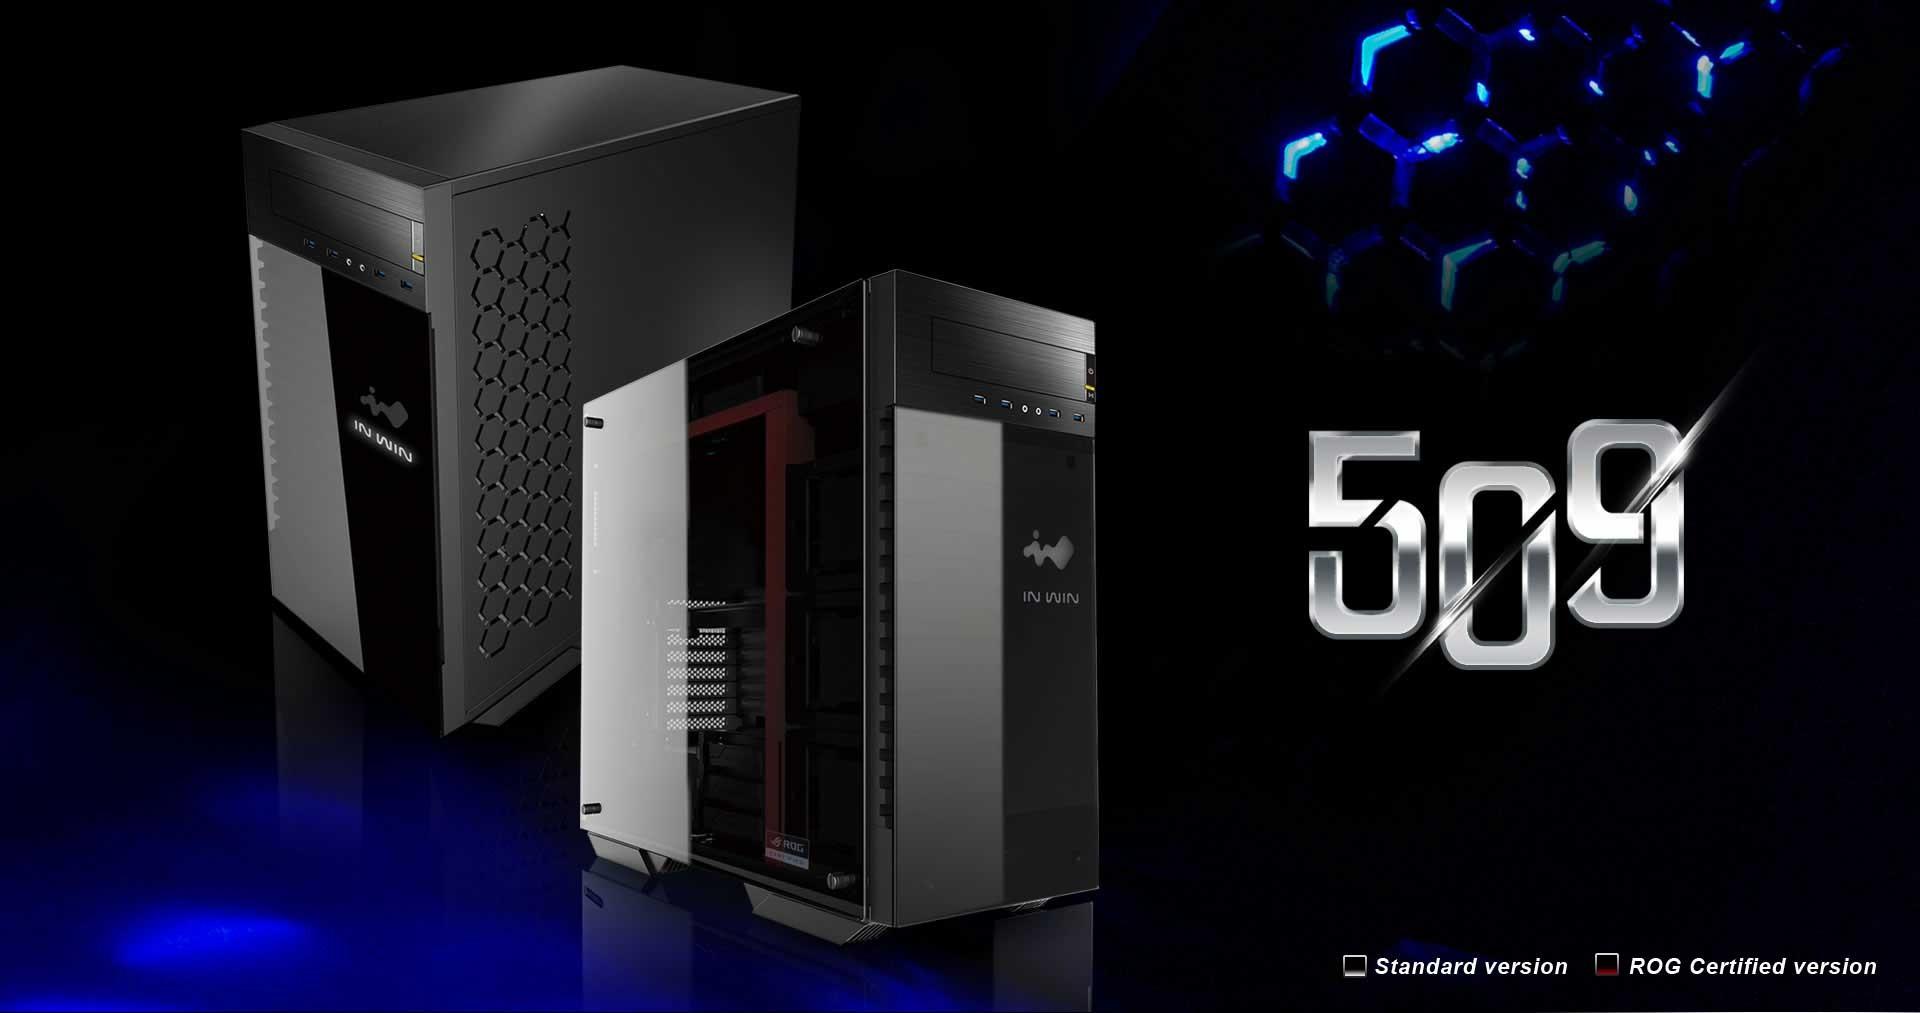 In Winより強化ガラス採用E-ATXフルタワーPCケース「509」発売